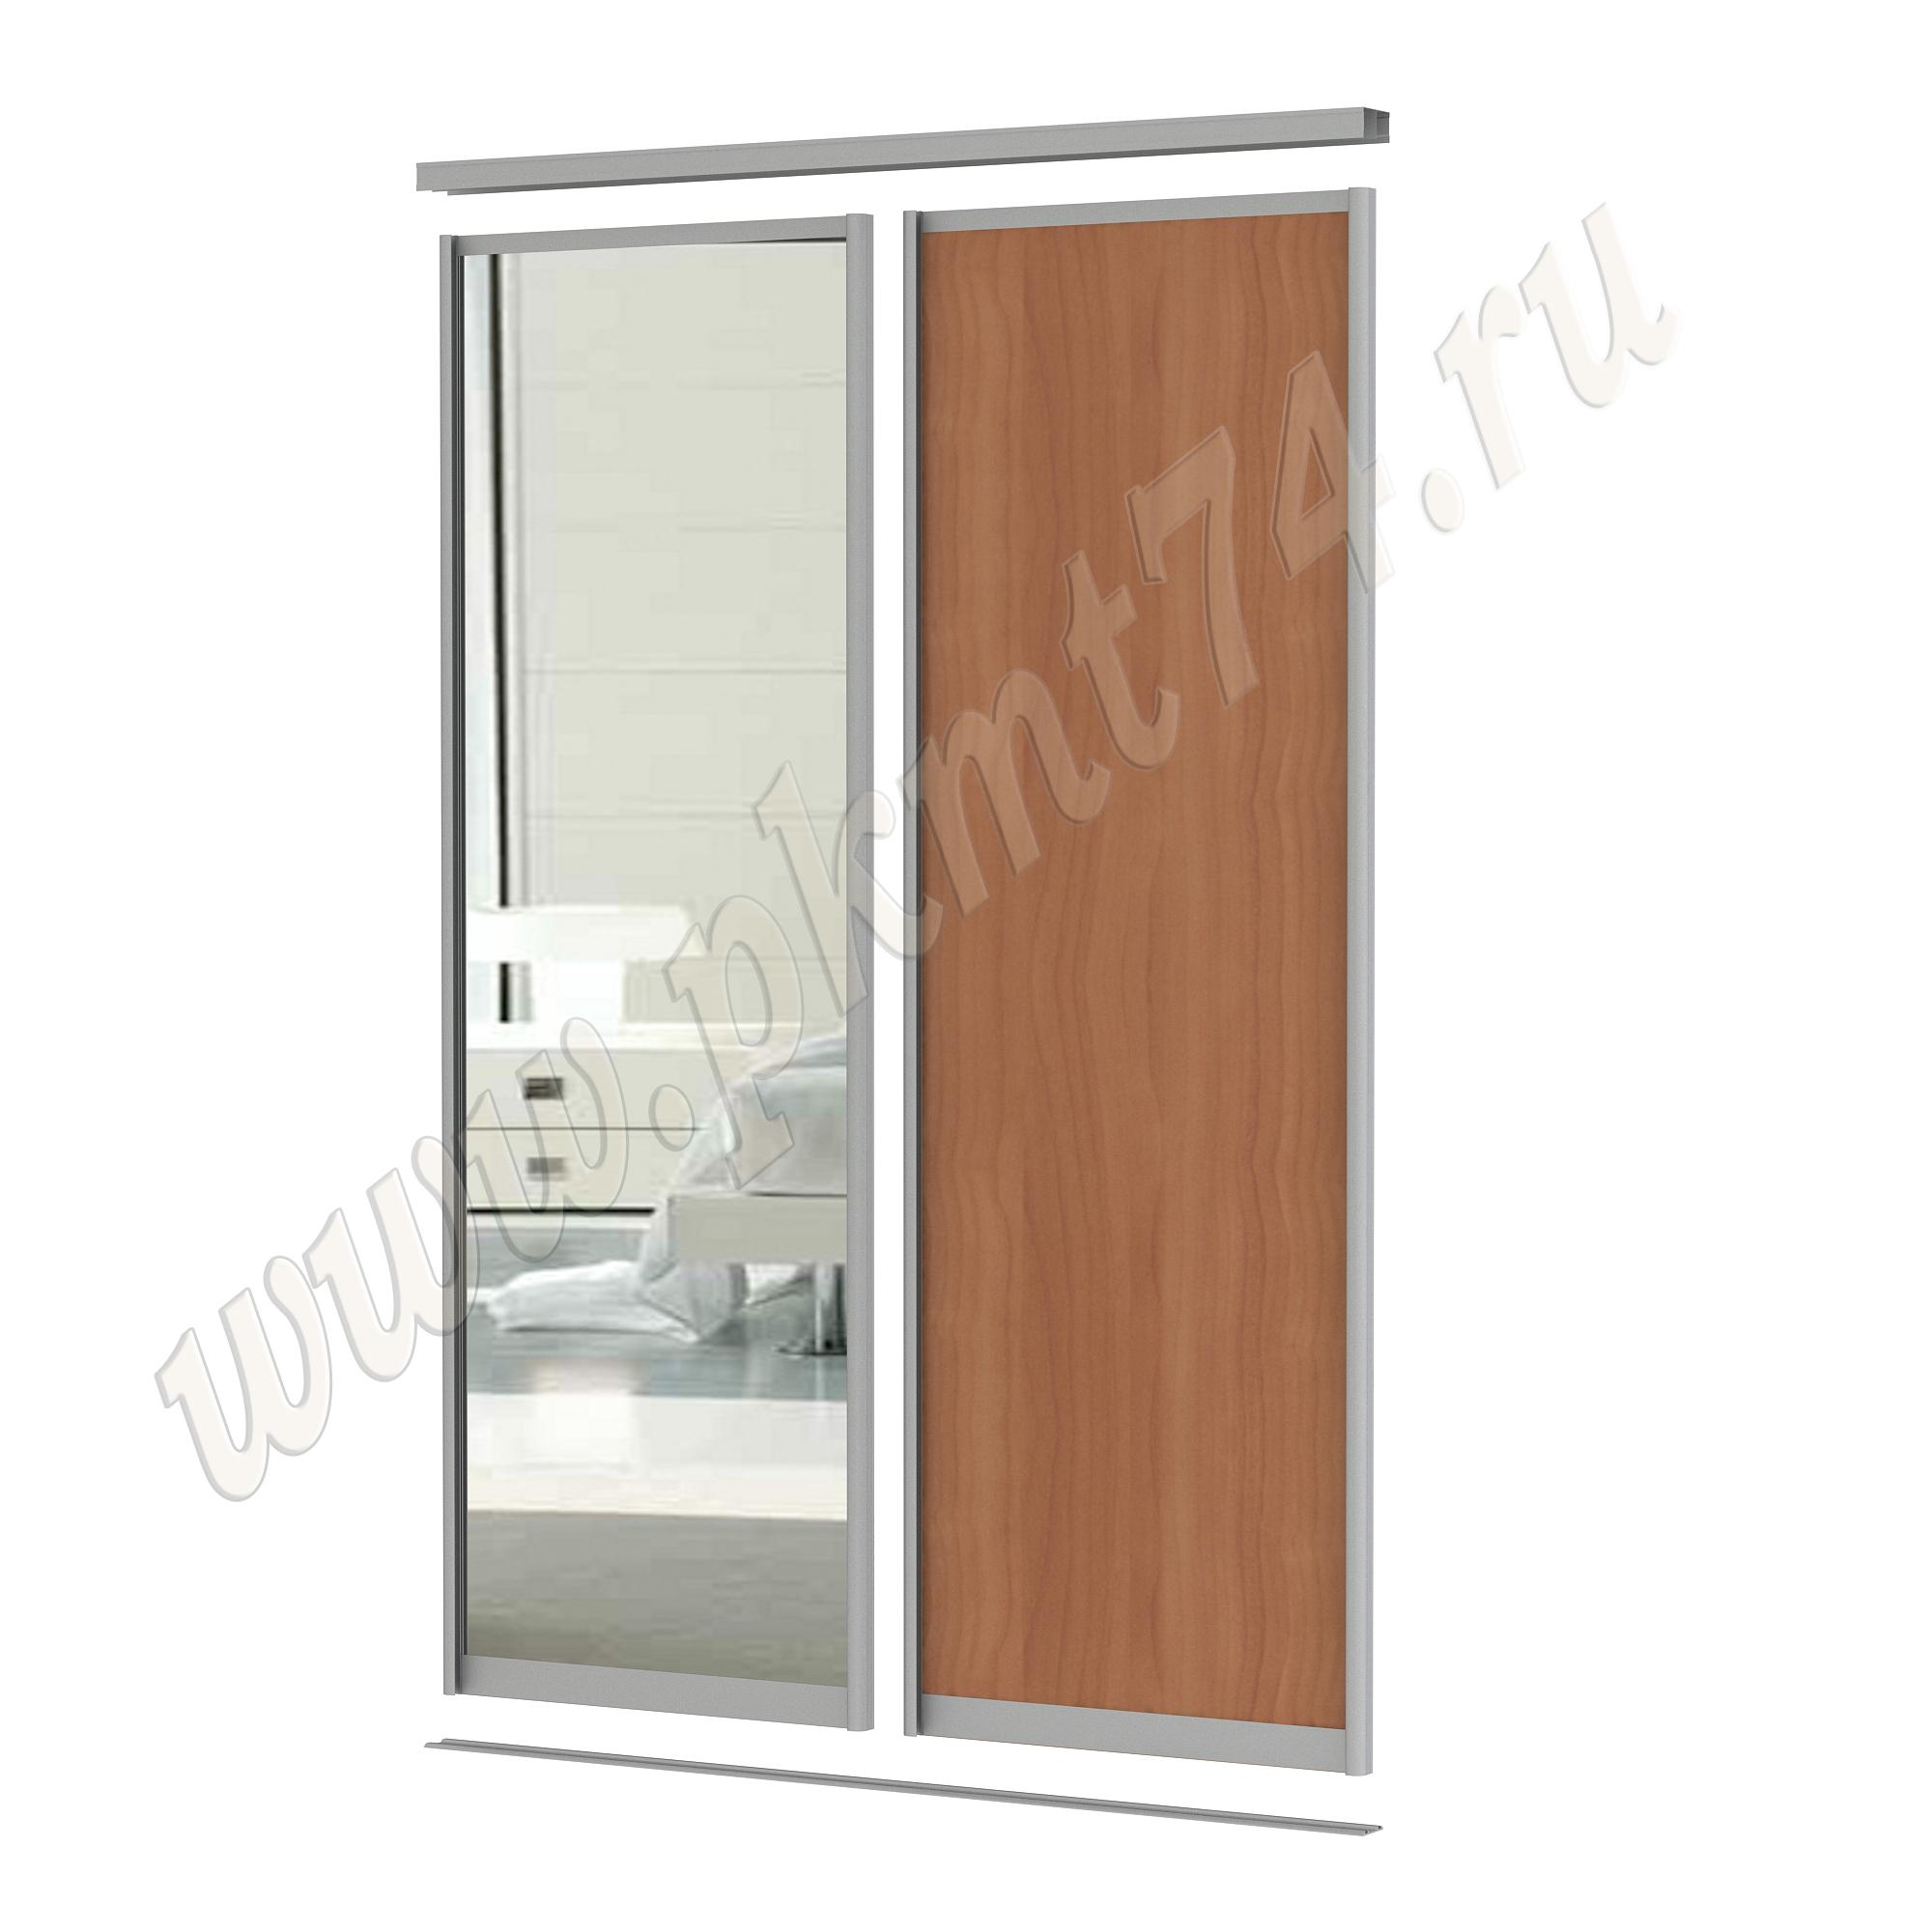 Комбинированные двери для шкафа купе [Размер:: 1700х2500; Цвет ЛДСП:: Вишня Оксфорд]